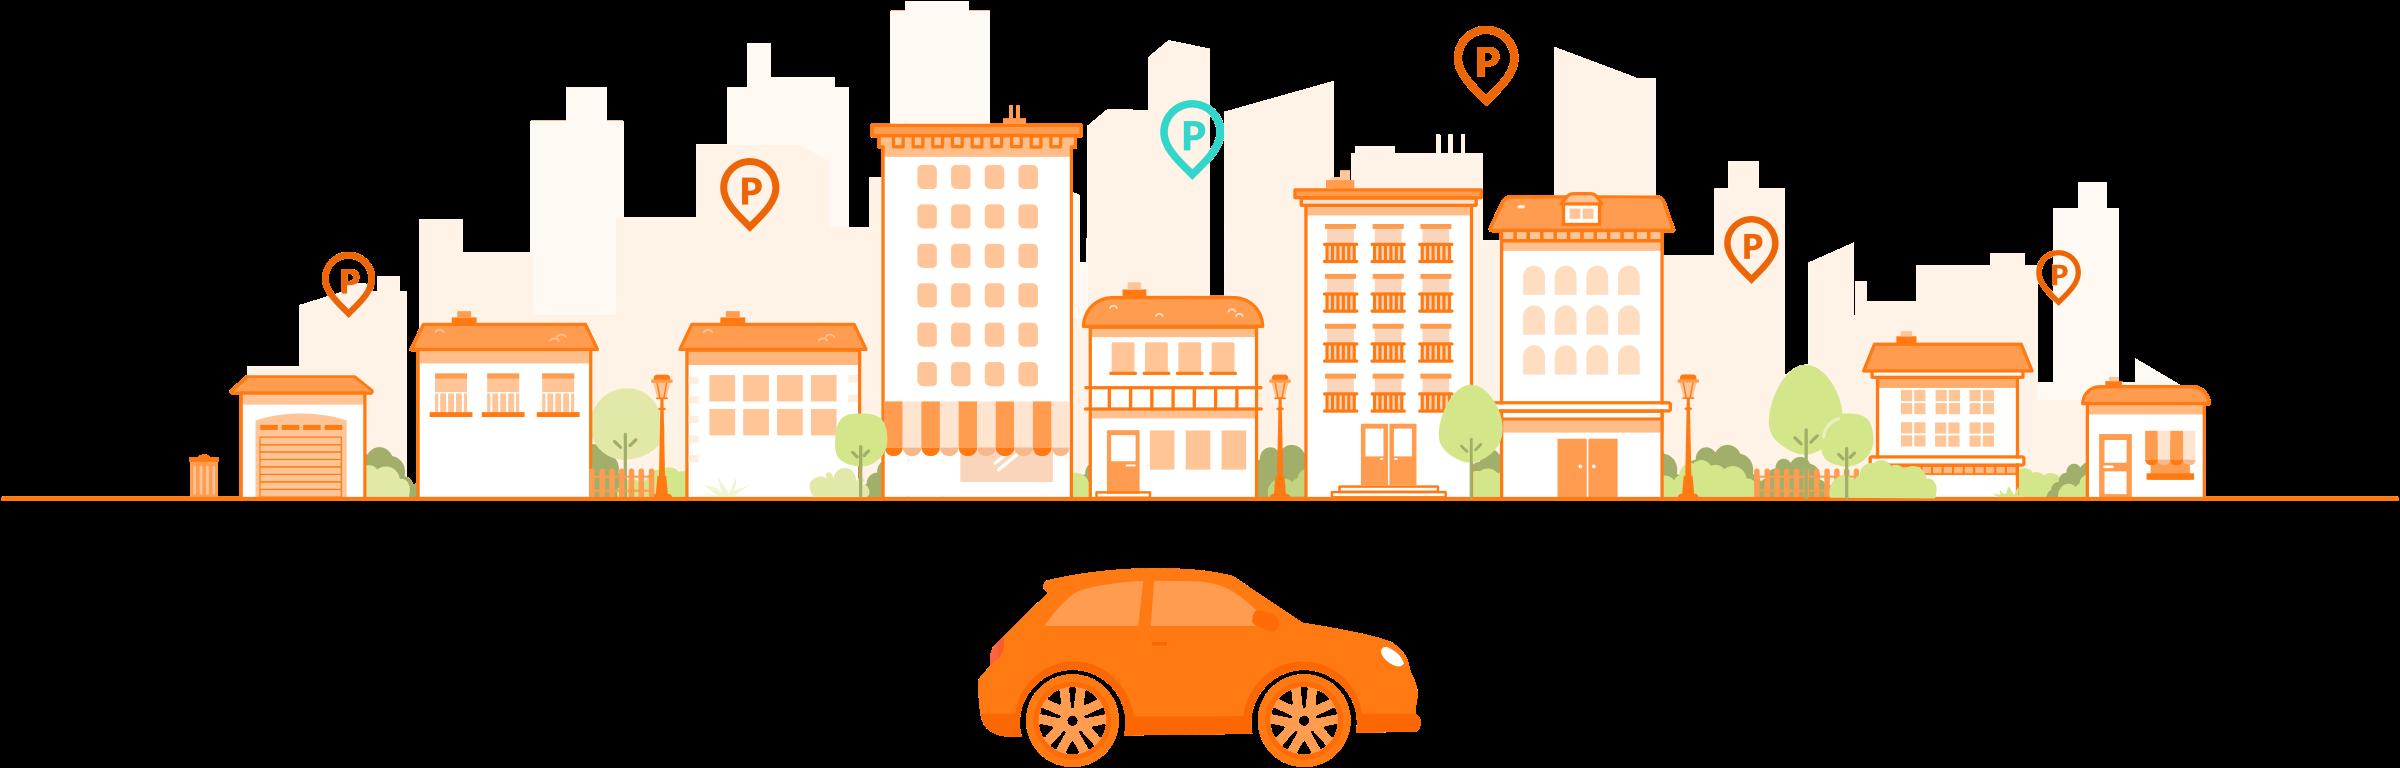 Réservations de places de parking en ligne | Parclick